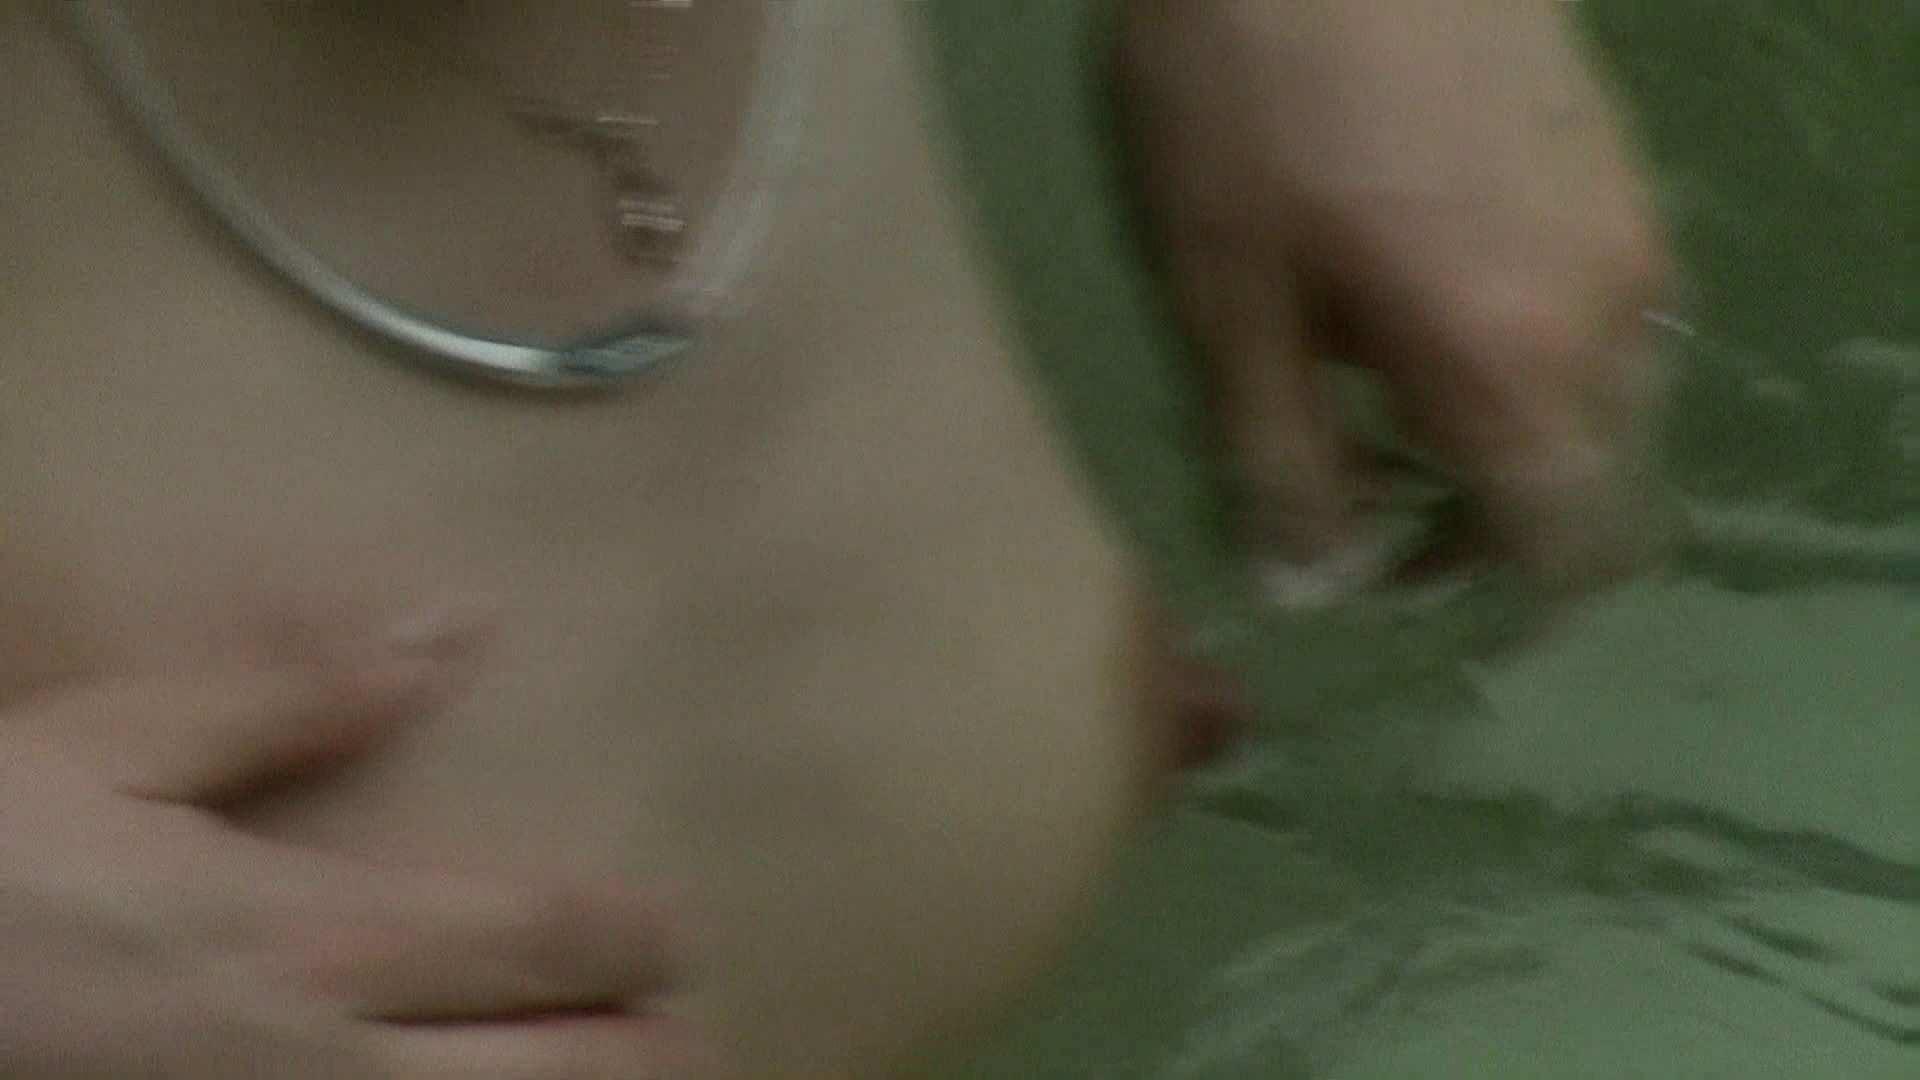 Aquaな露天風呂Vol.655 美しいOLの裸体  72pic 9